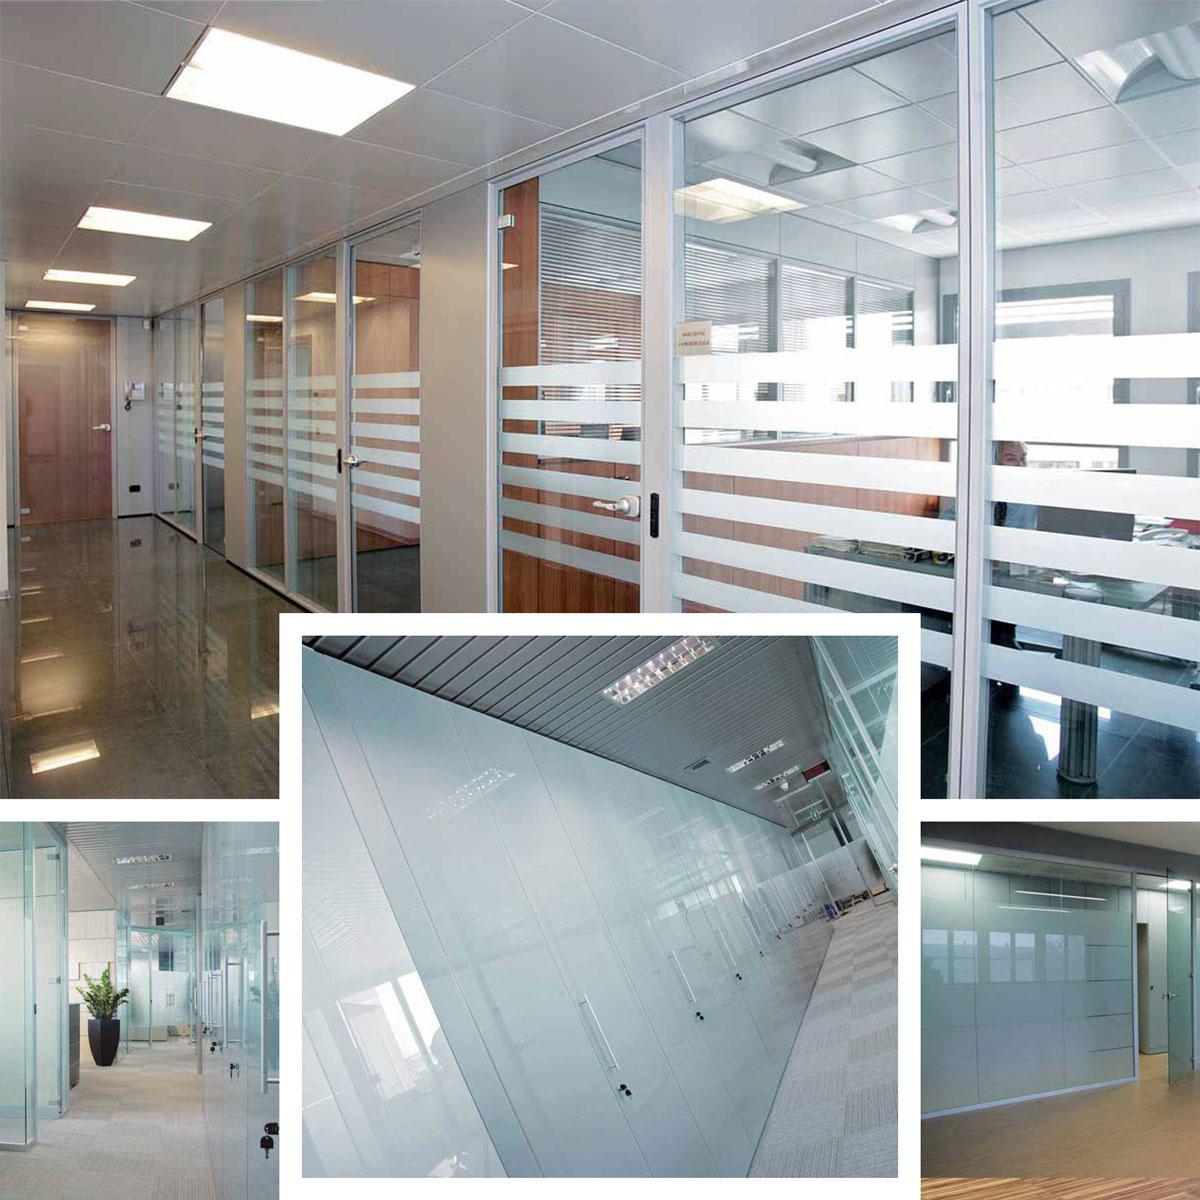 Pareti divisorie in vetro per uffici luminosi ed eleganti for Pareti eleganti